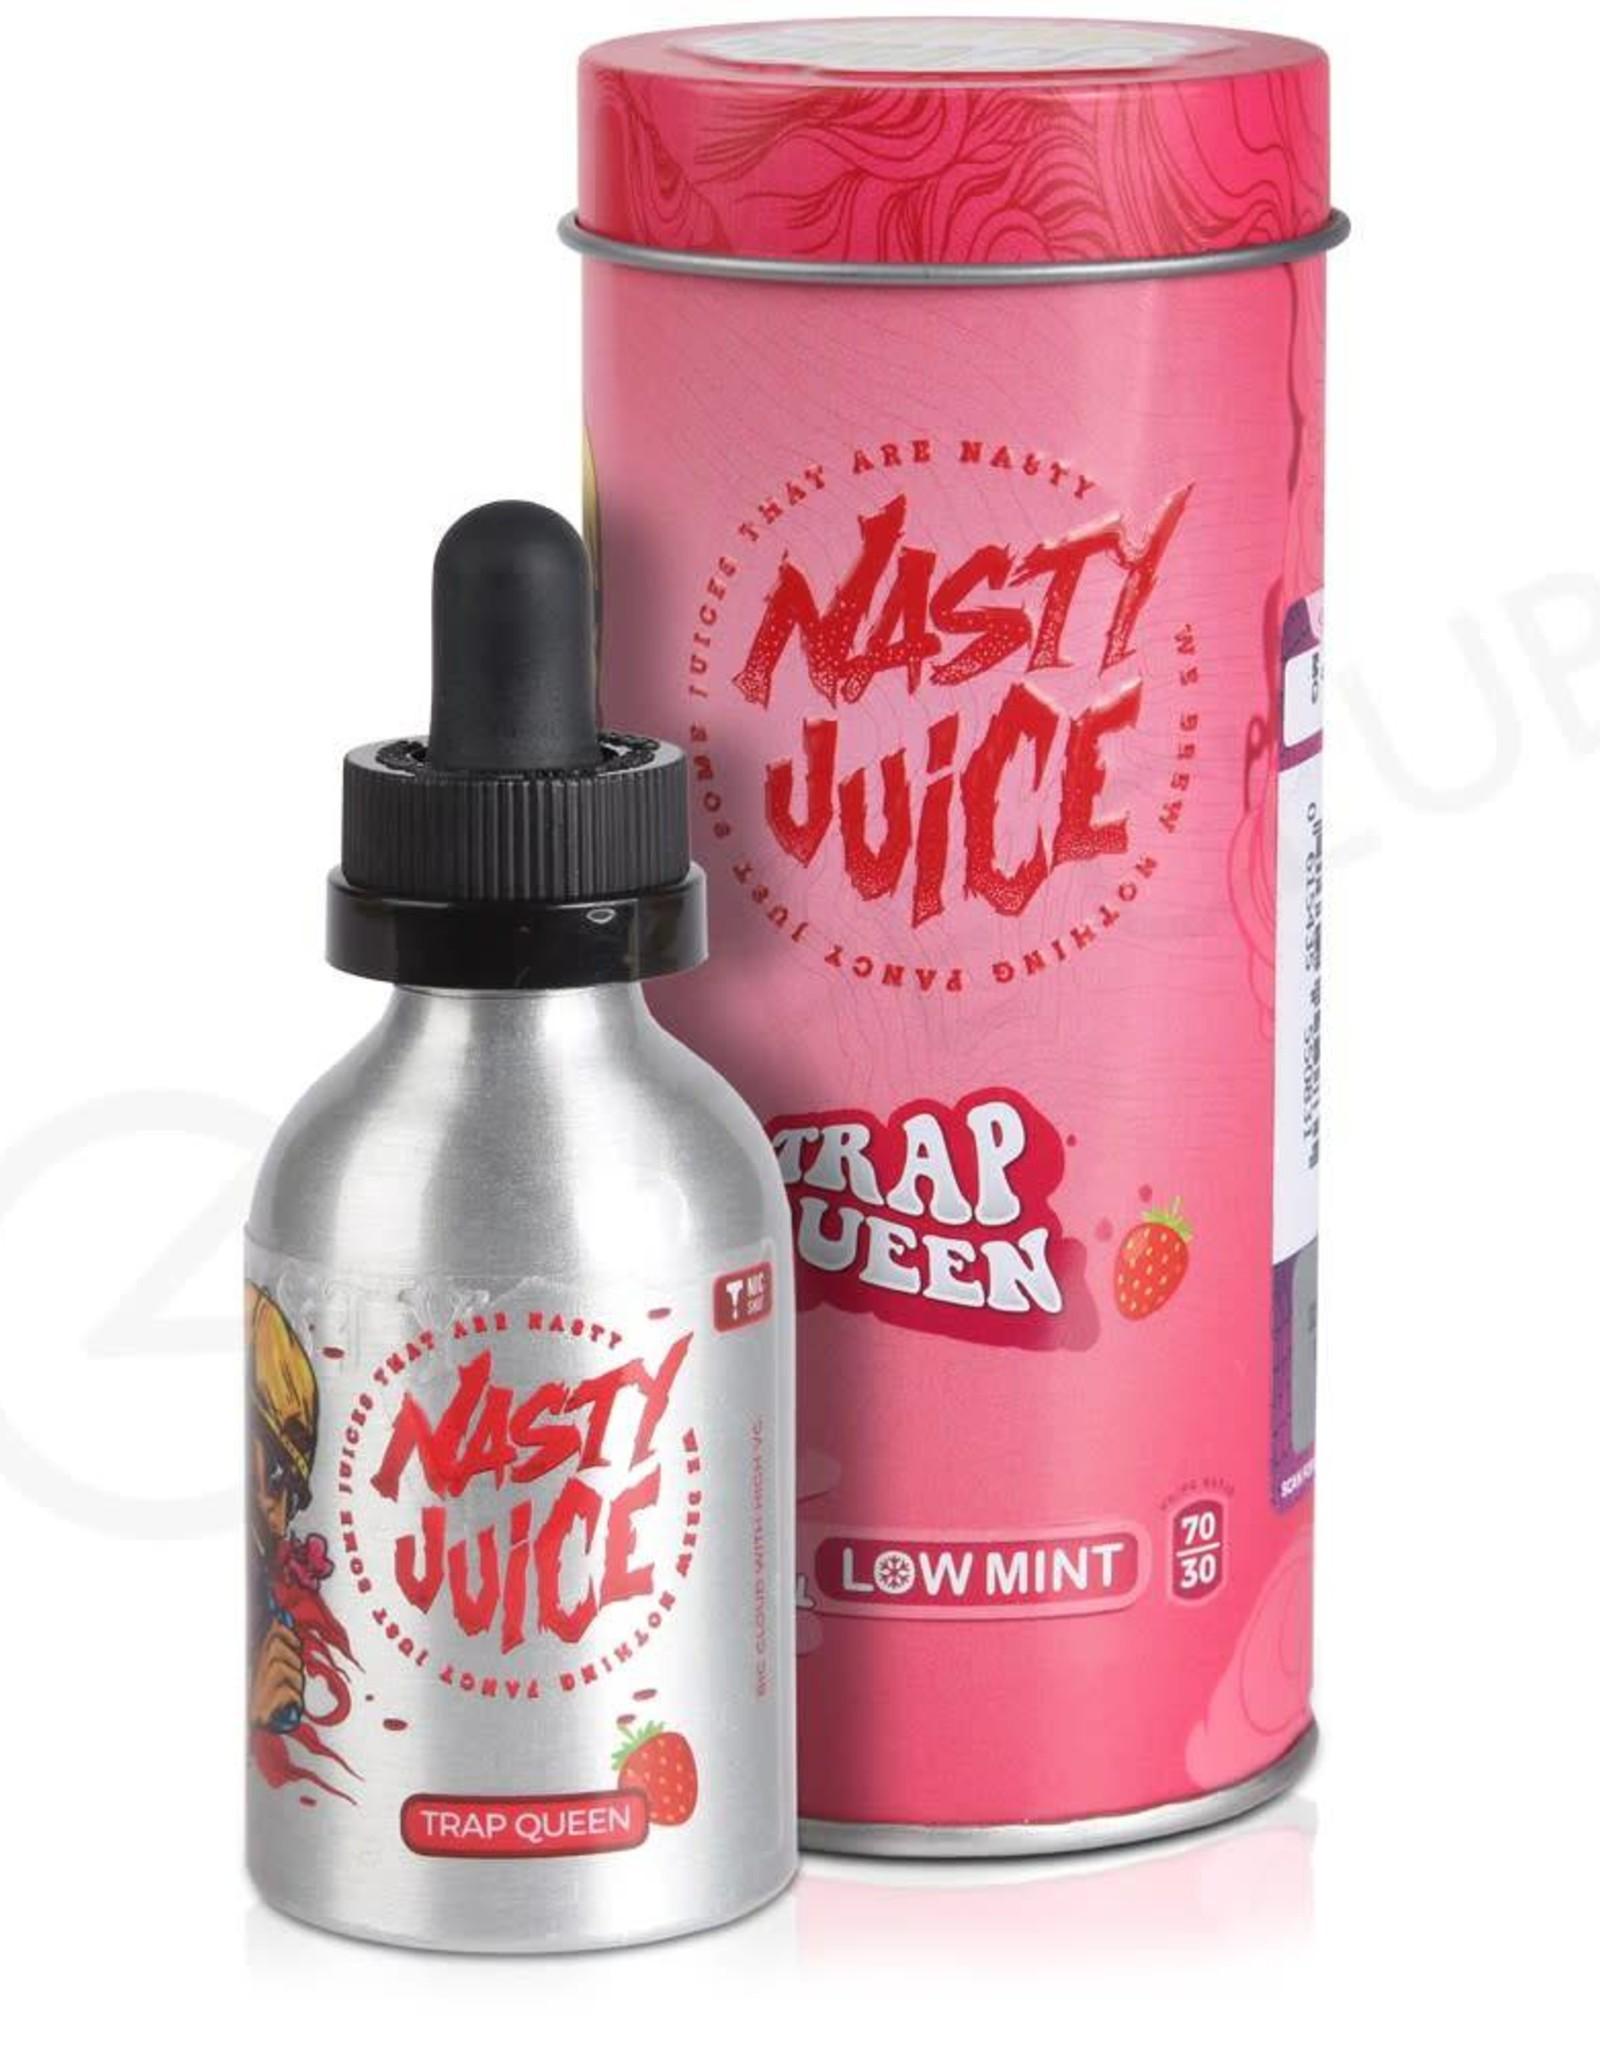 Nasty Juice Nasty Juice - Trap Queen (Low Mint) (60mL)